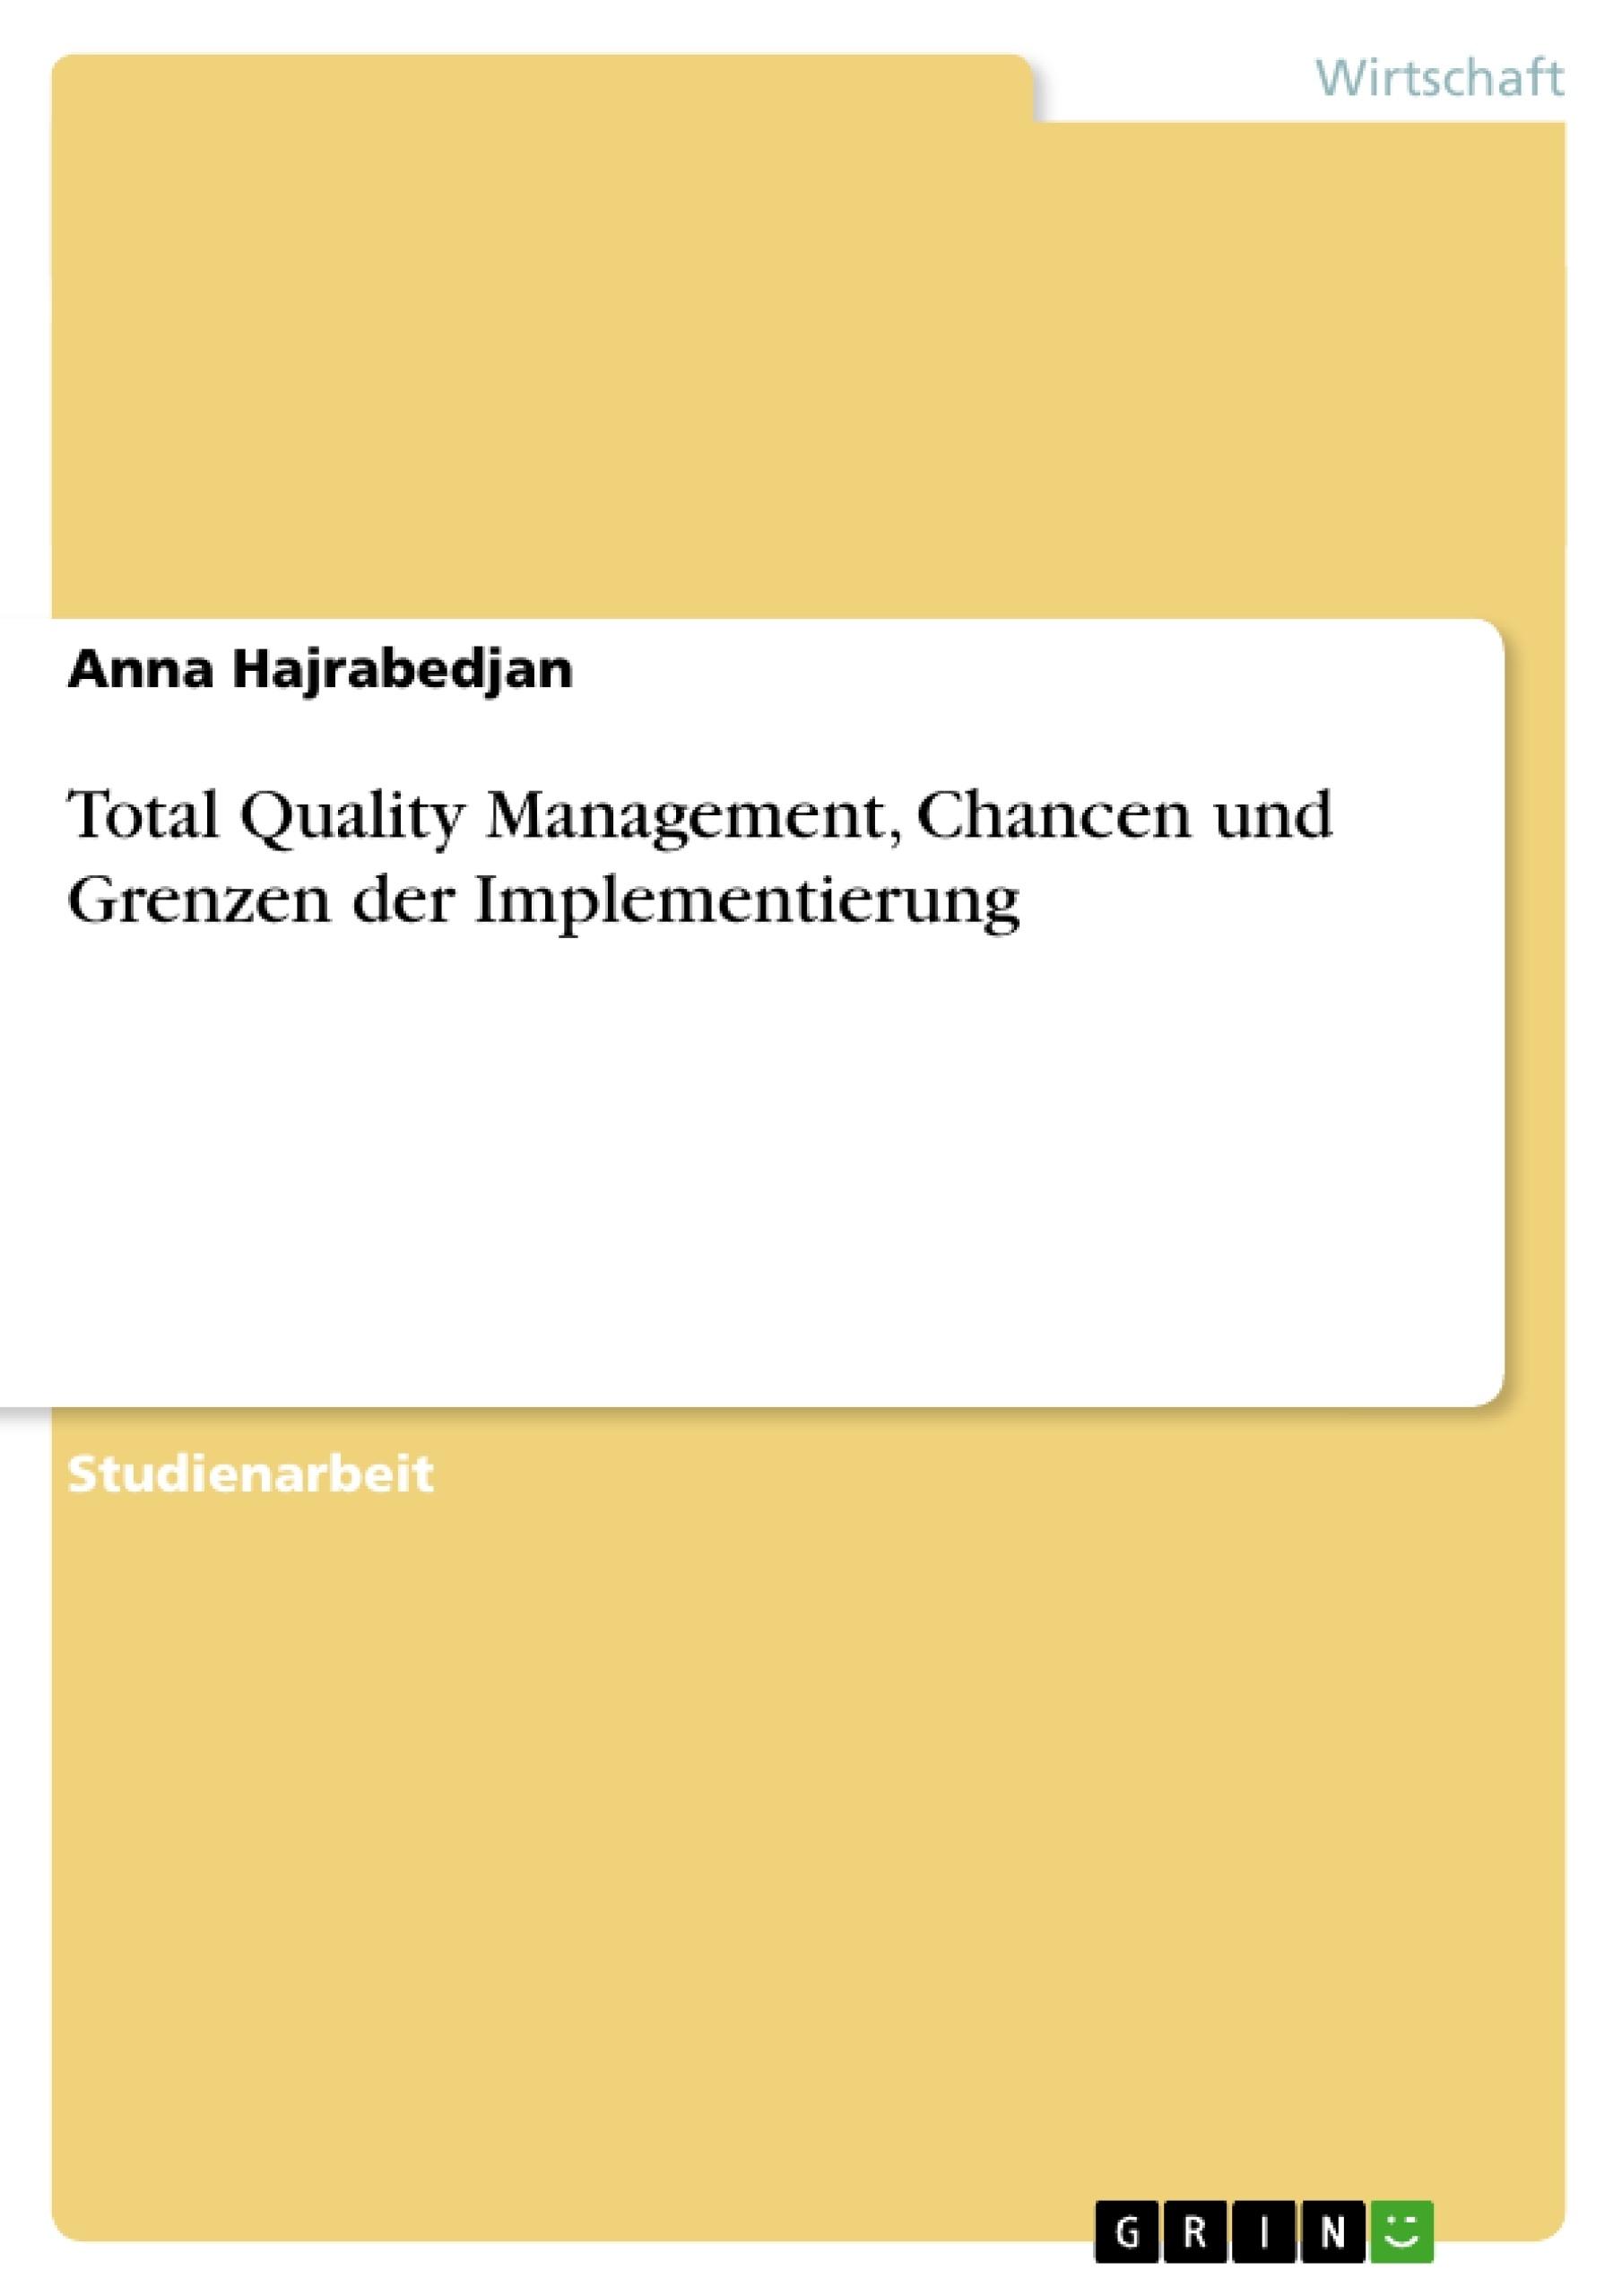 Titel: Total Quality Management, Chancen und Grenzen der Implementierung